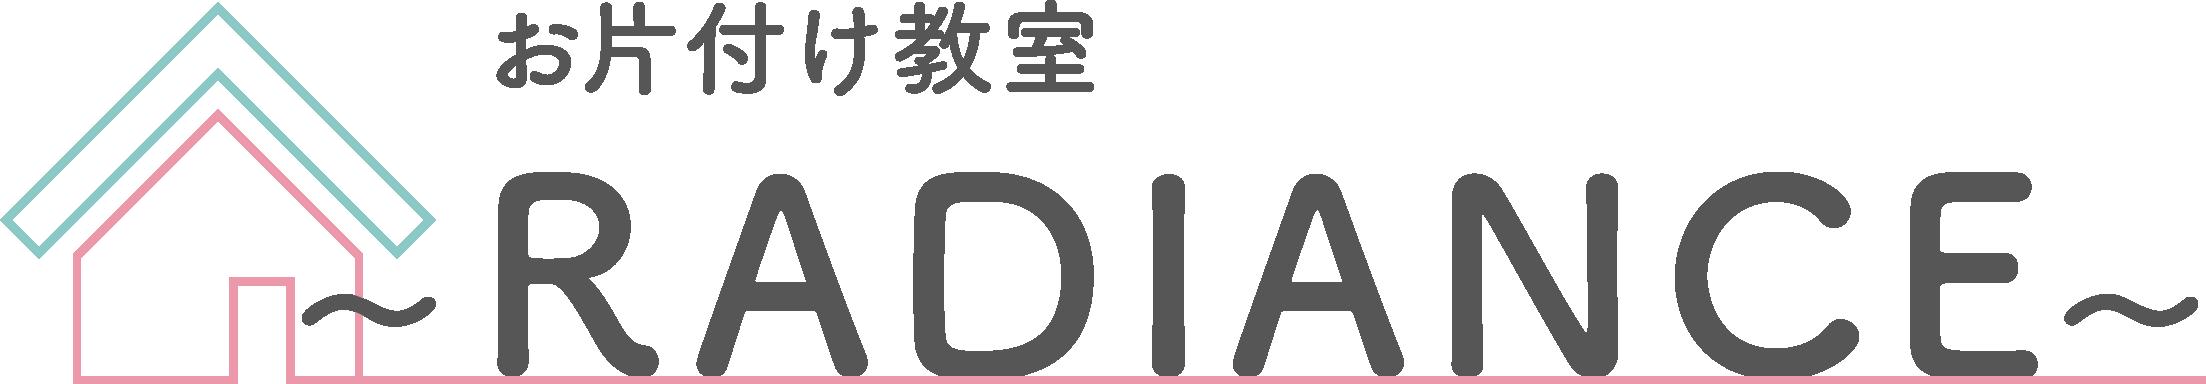 福岡市の整理収納アドバイザー お片付け教室~RADIANCE~